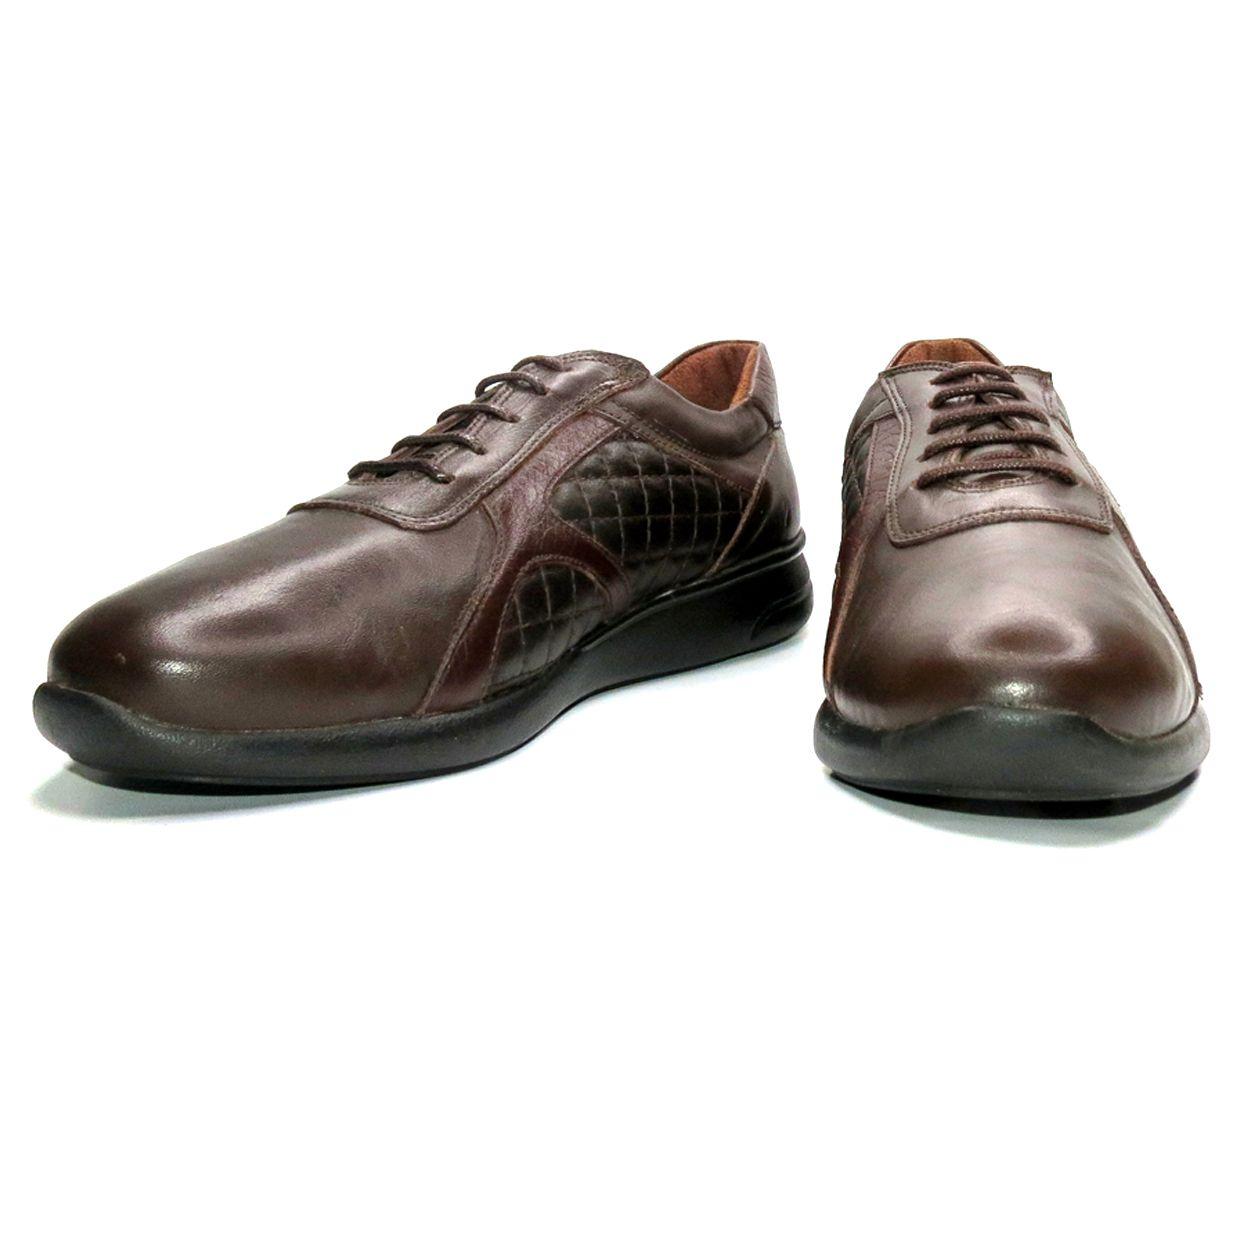 کفش روزمره زنانه آر اند دبلیو مدل 761 رنگ قهوه ای -  - 5